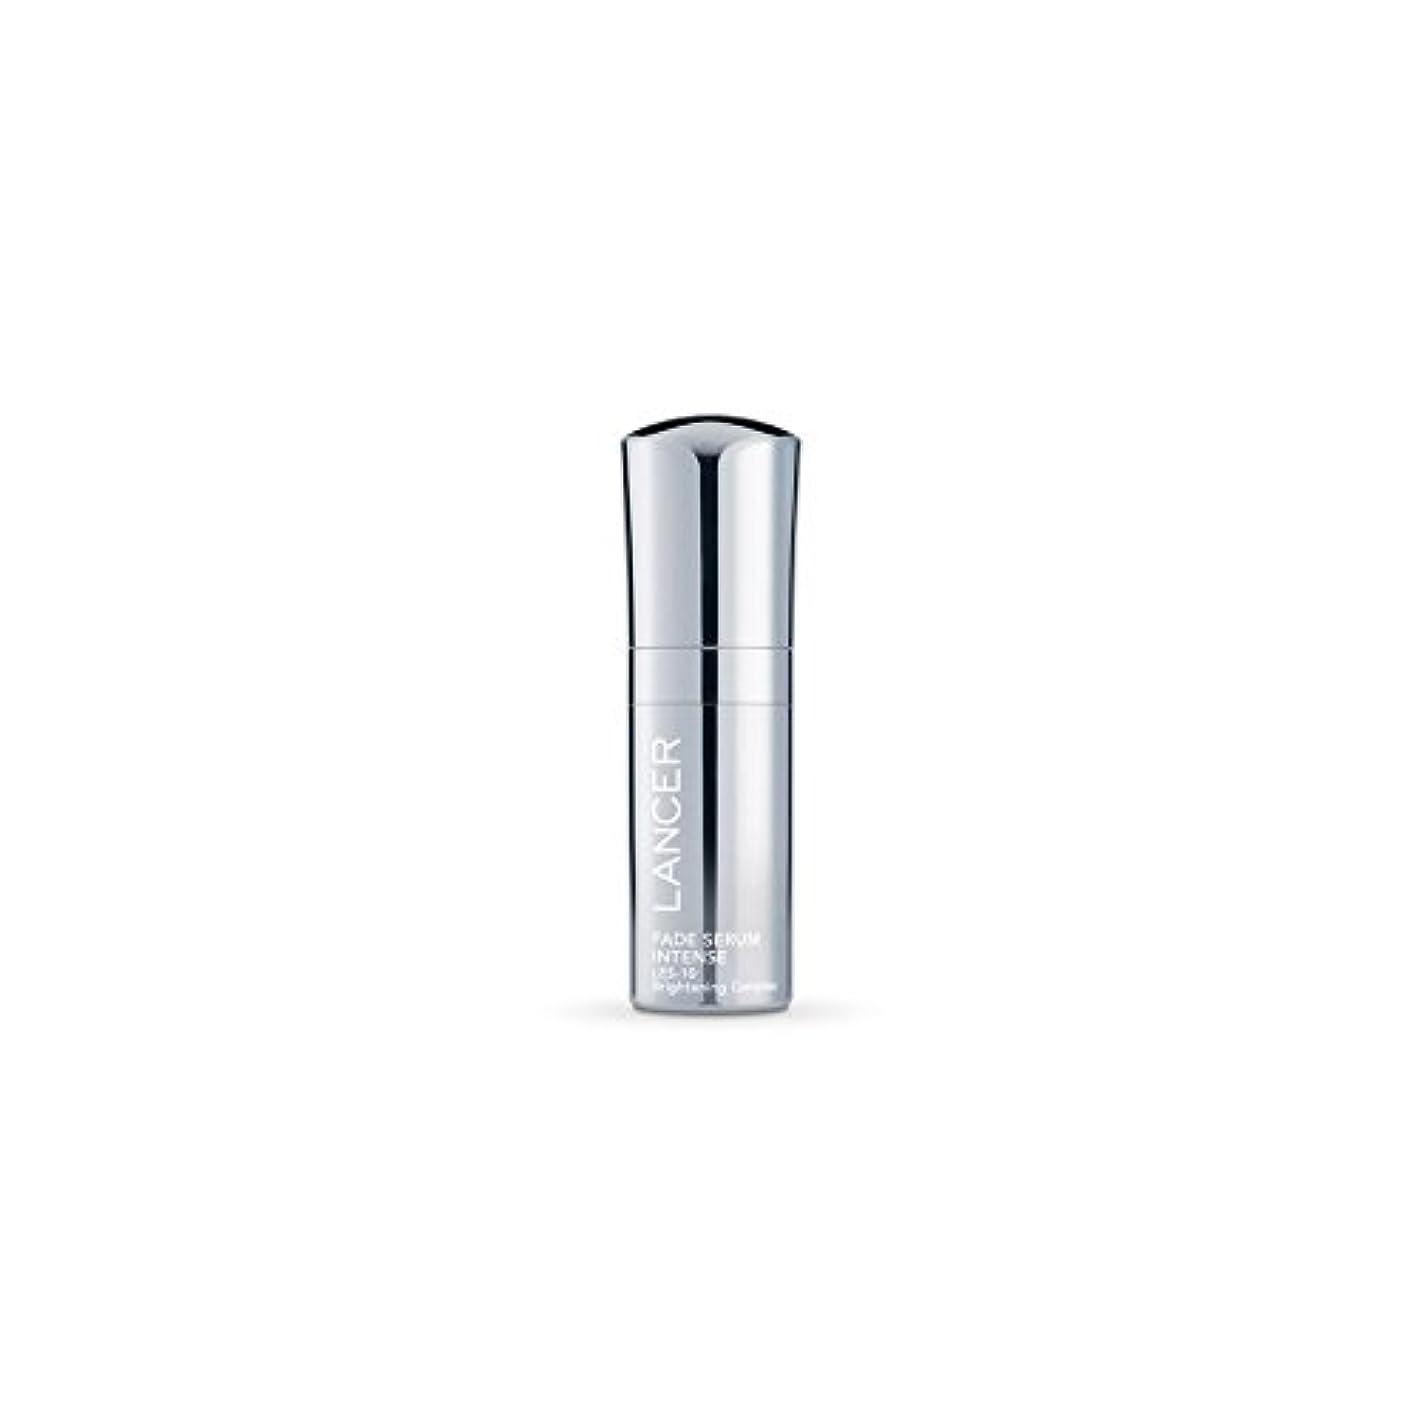 細部ダメージ予約Lancer Skincare Fade Serum Intense (30ml) - 強烈ランサースキンケアフェード血清(30ミリリットル) [並行輸入品]